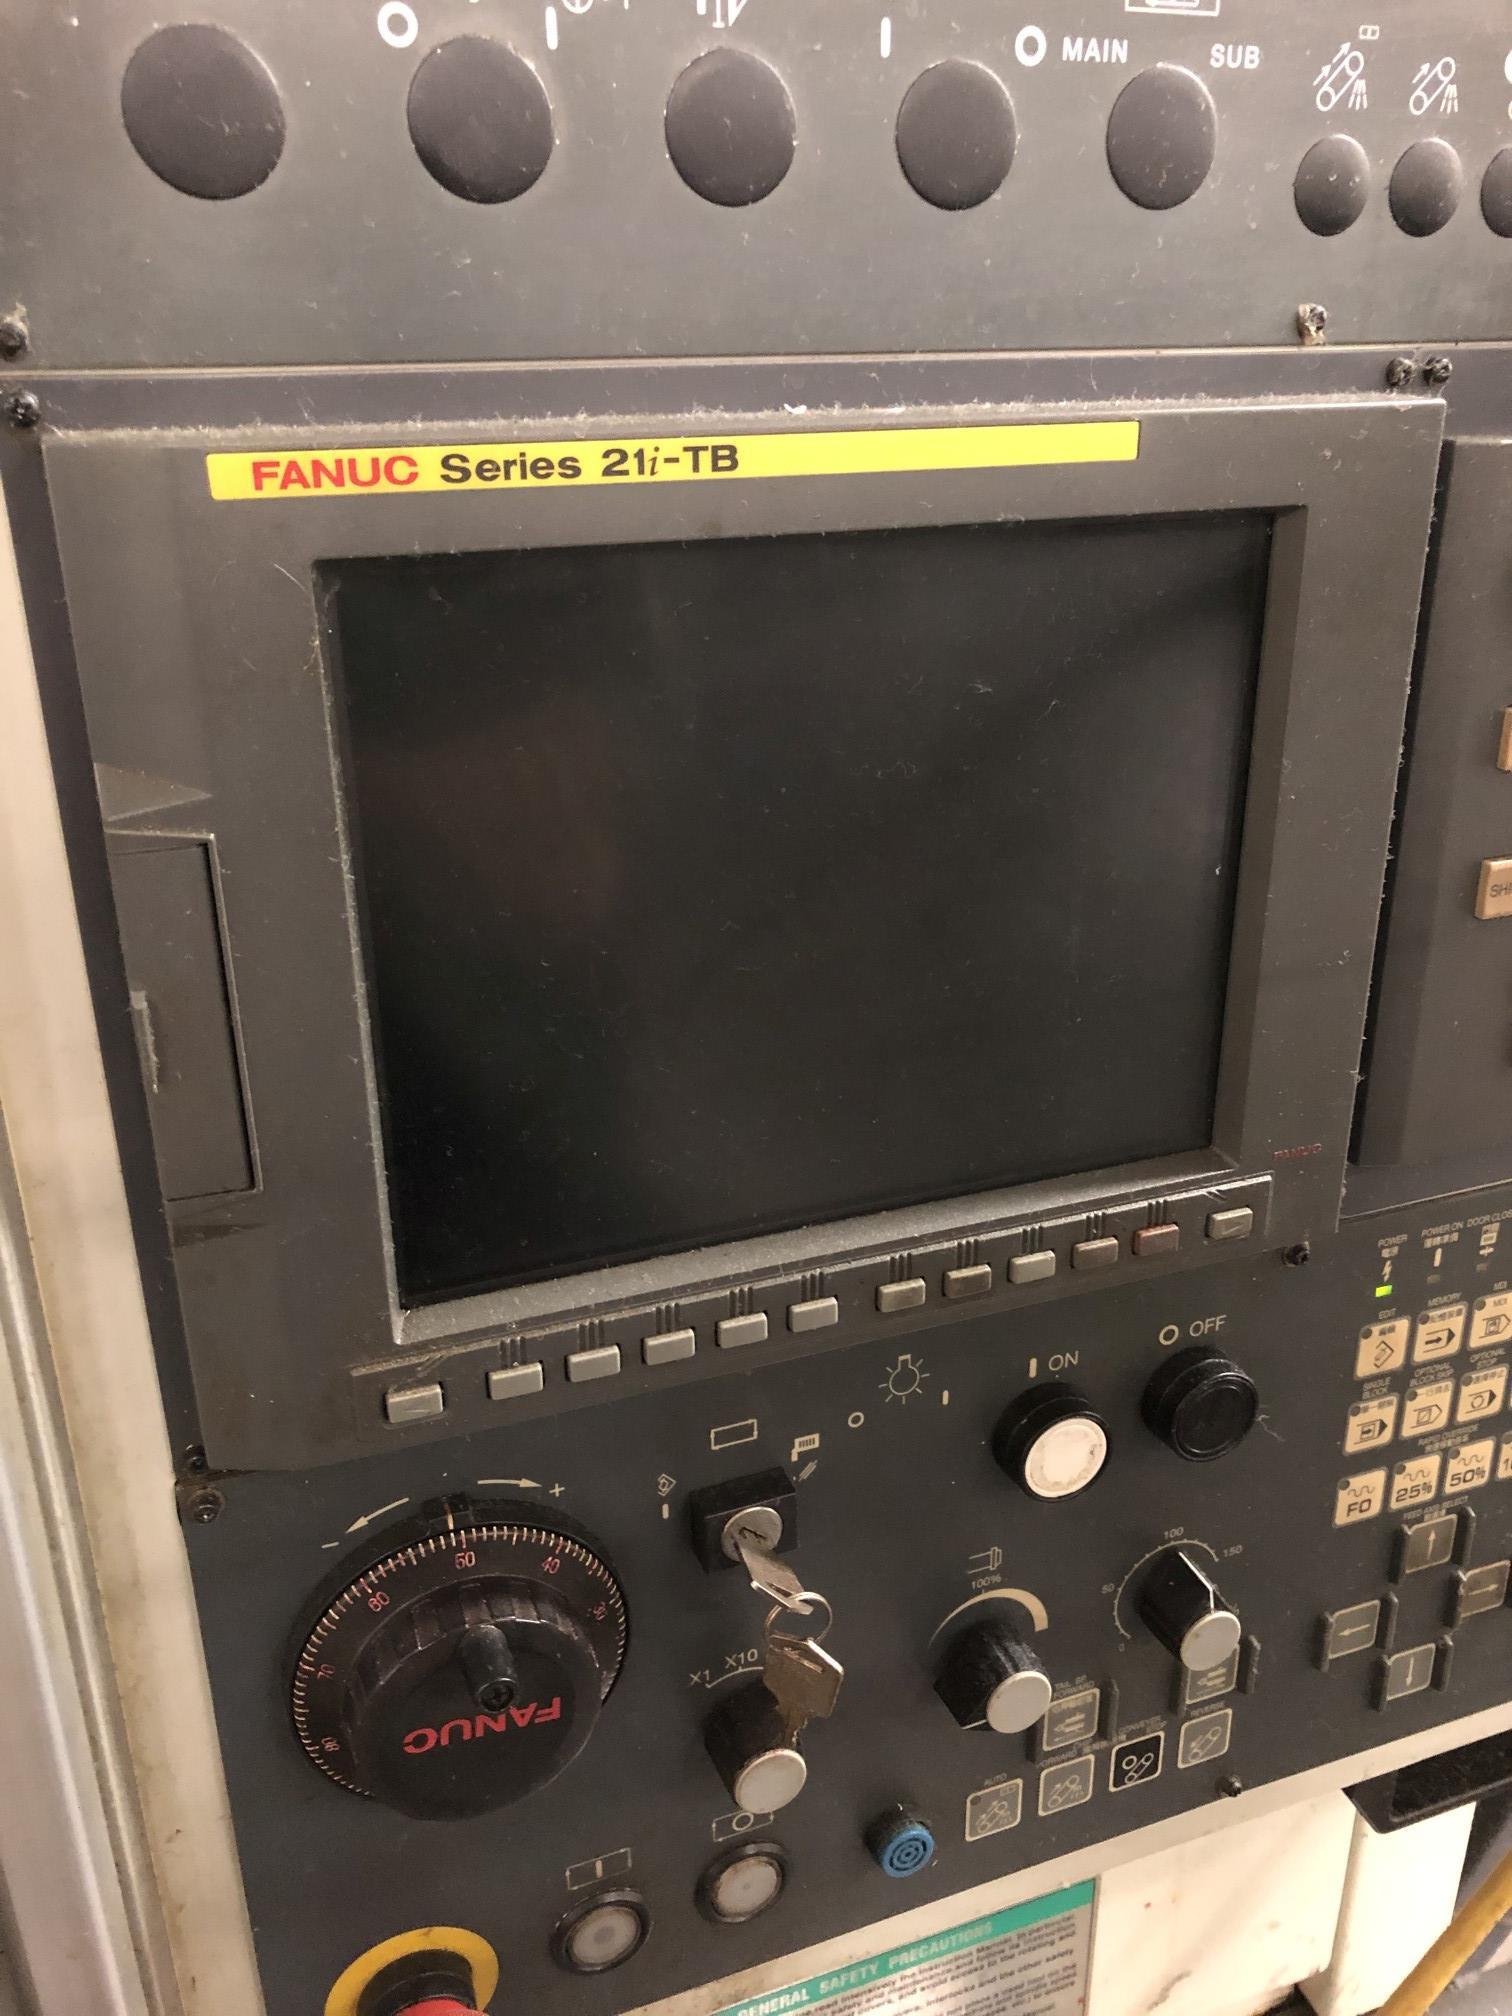 2006 Takisawa EX-106 CNC Lathe - Image 5 of 10